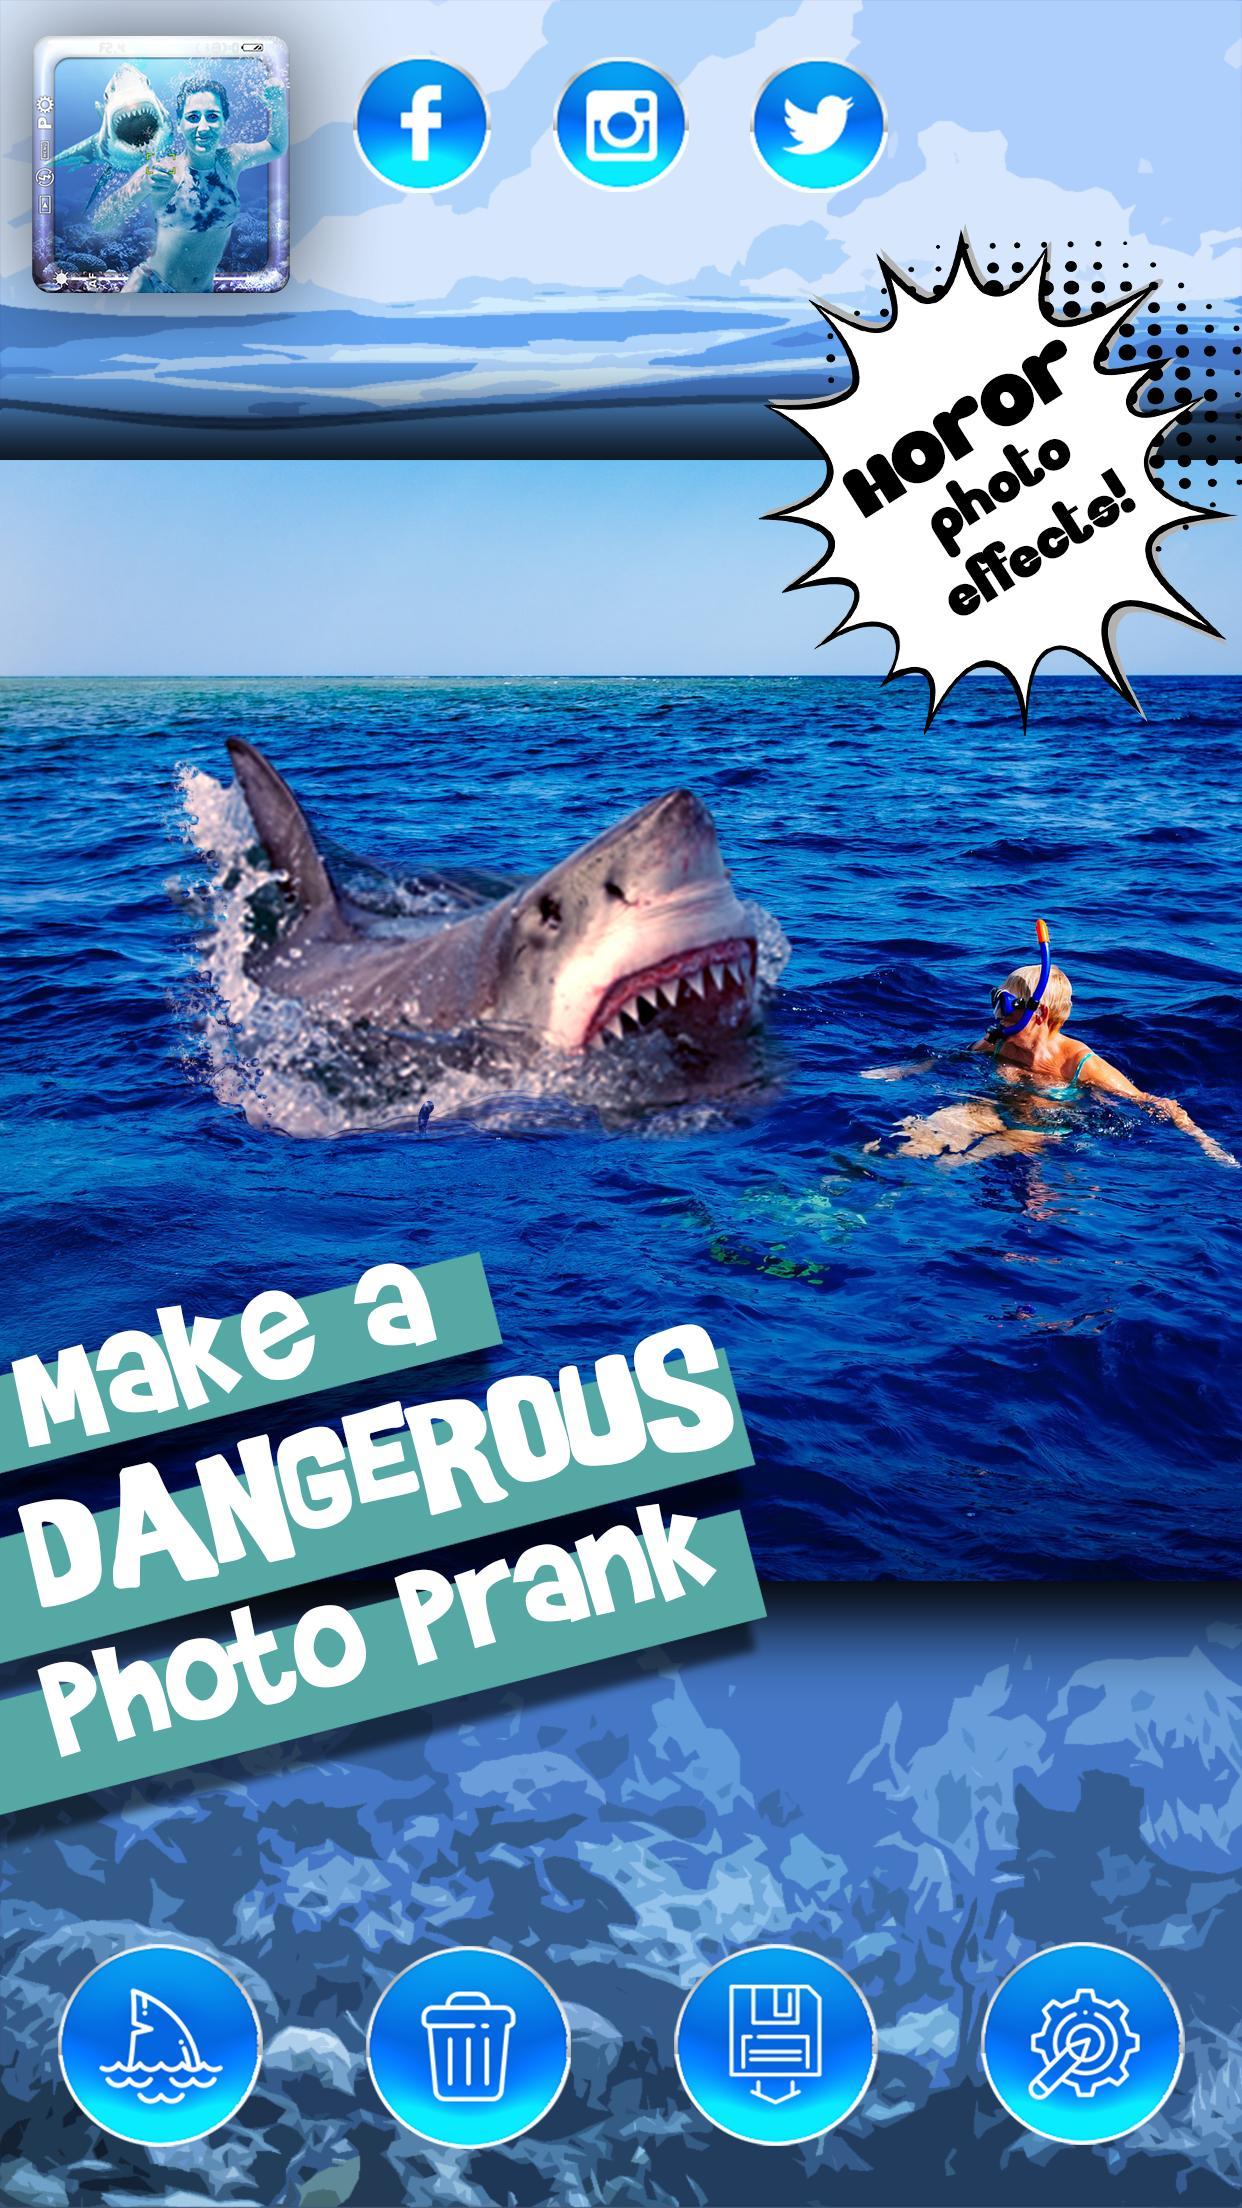 Акула - 87 фото самого идеального хищника морей и океанов   2208x1242